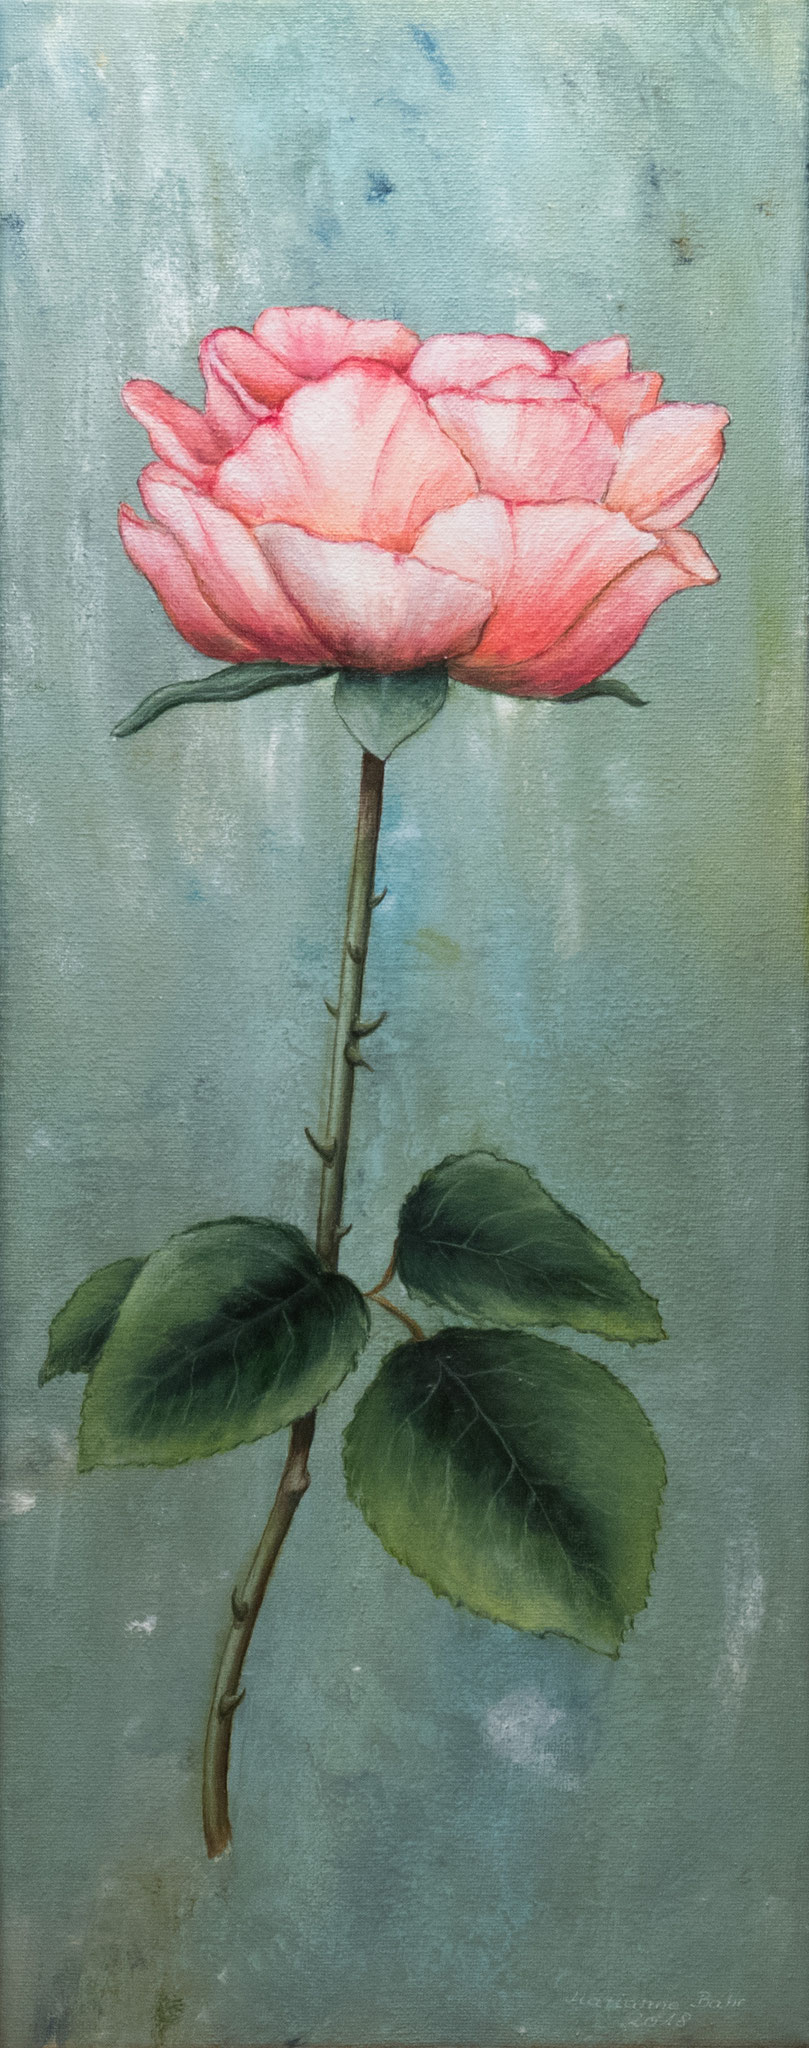 30.1., Acryl-Gemälde von Marianne Bahr, Schönefeld, A7